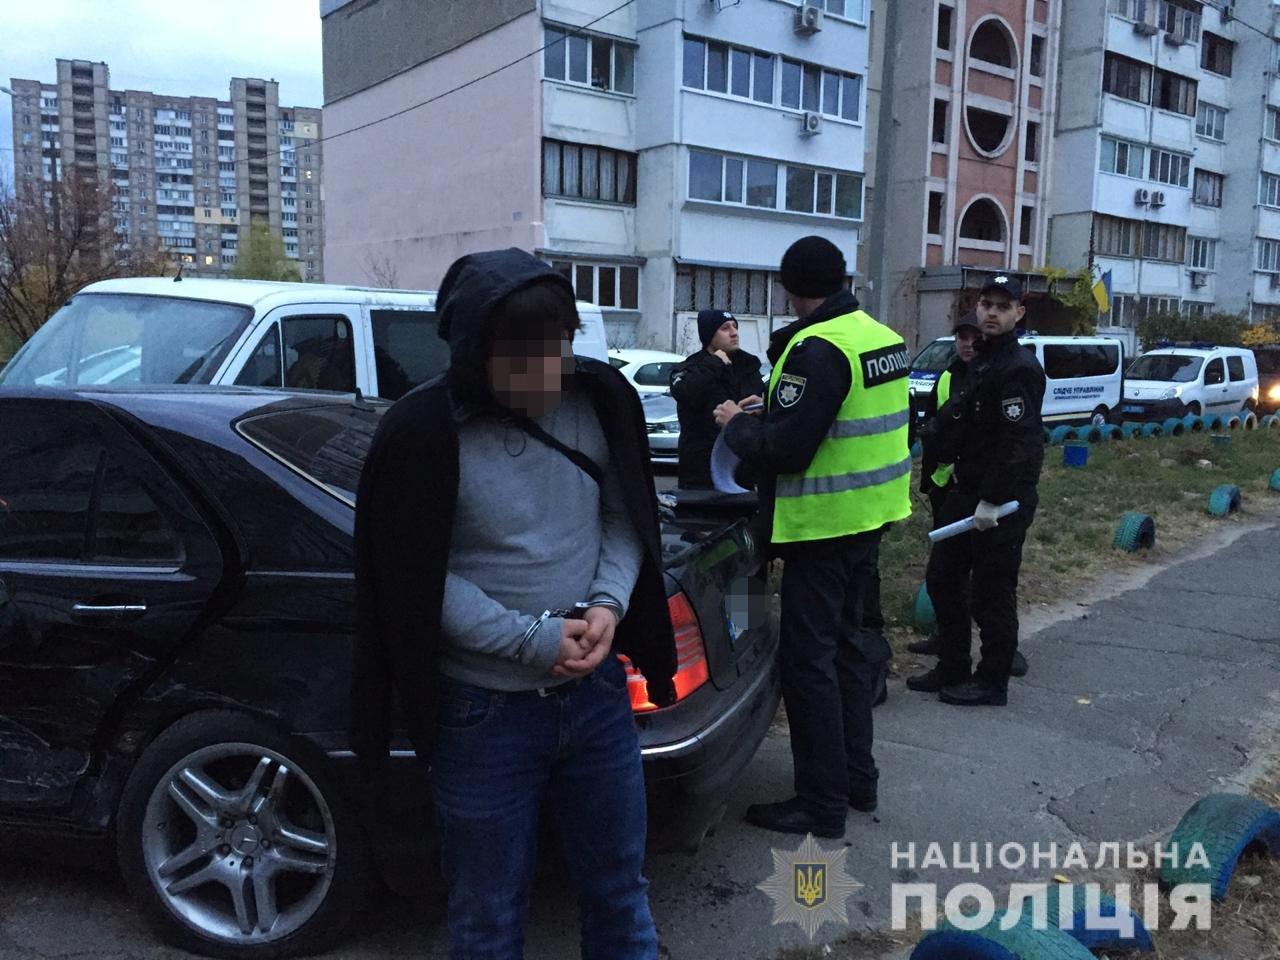 Боги конспирации: убегая от полиции  квартирные воры протаранили 10 машин, - ФОТО, ВИДЕО, фото-5